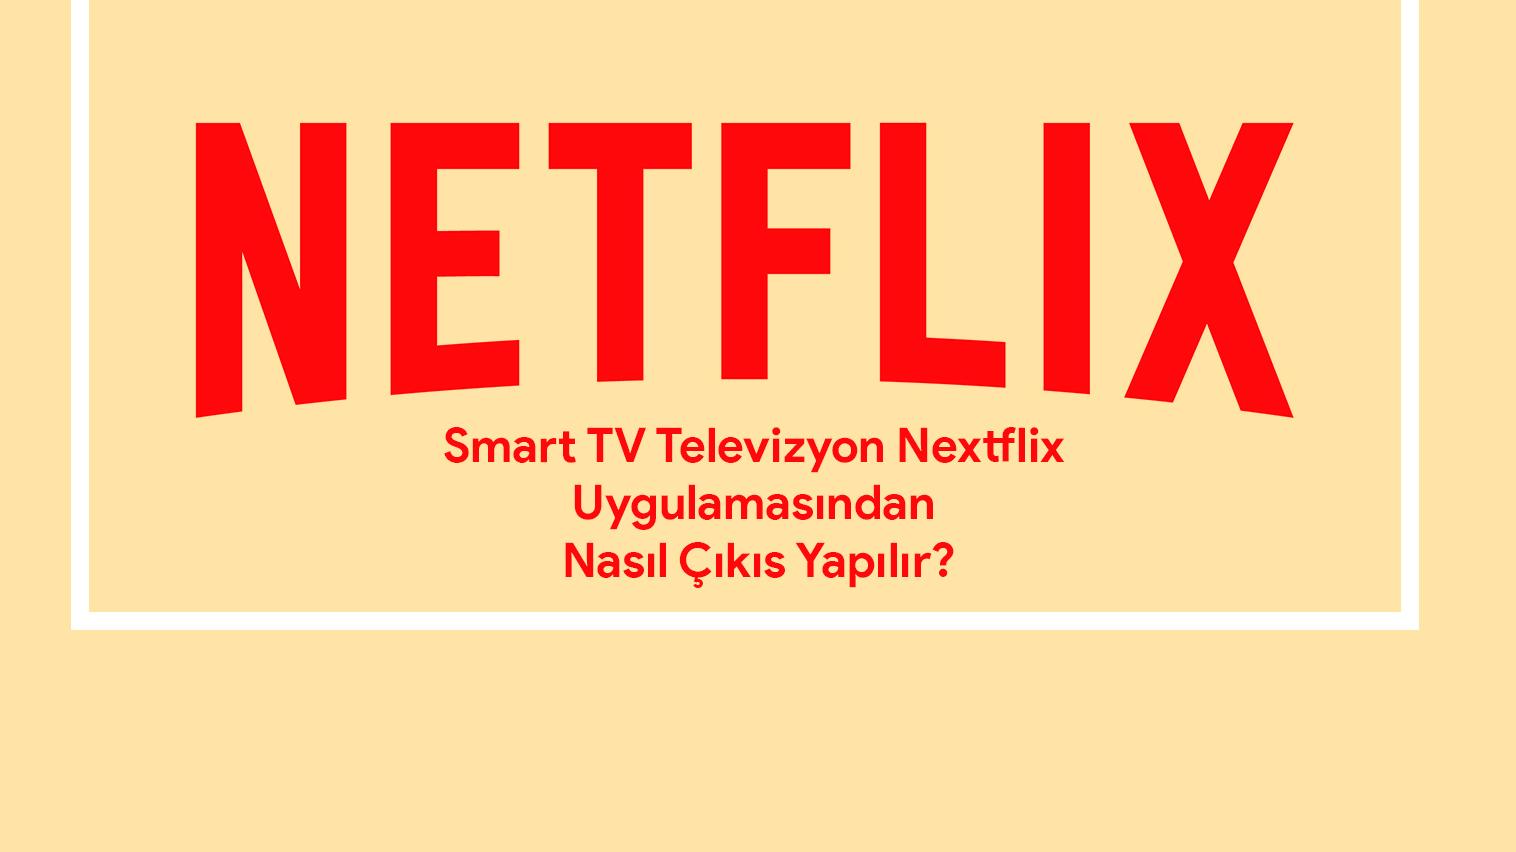 TV'de netflix uygulamasından nasıl çıkış yapılır?